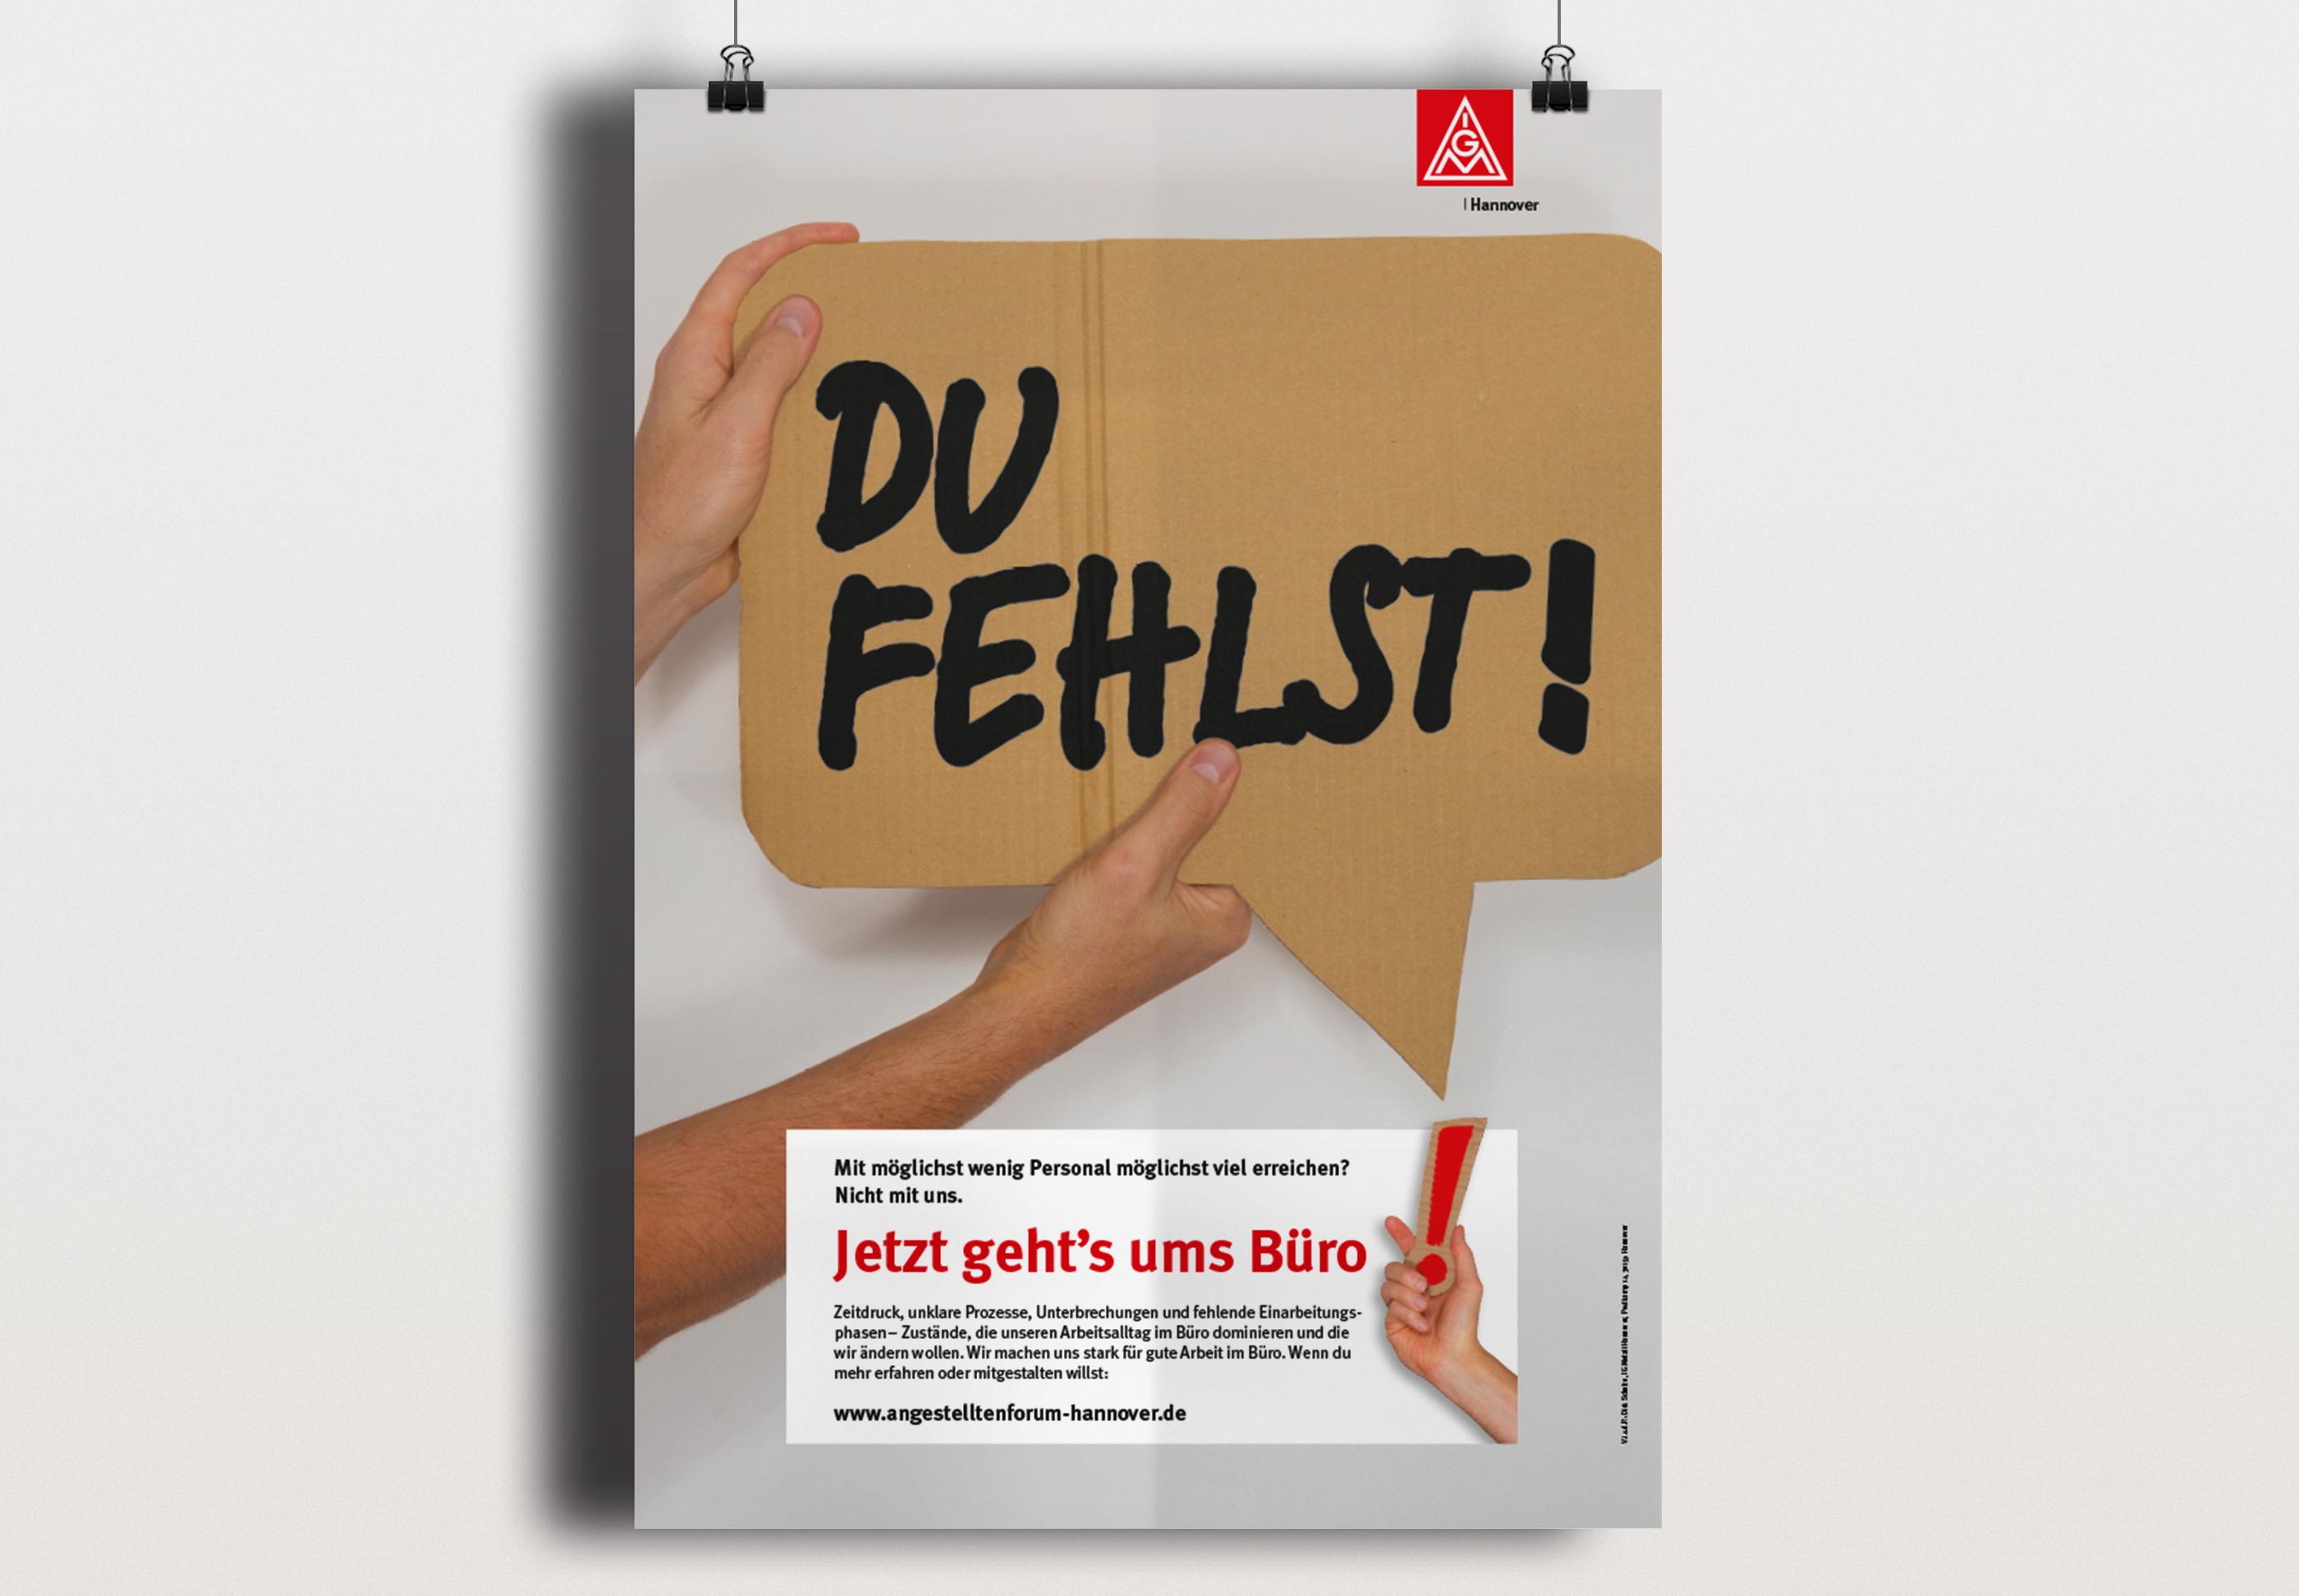 Poster Selber Machen: Brunsmiteisenberg Werbeagentur